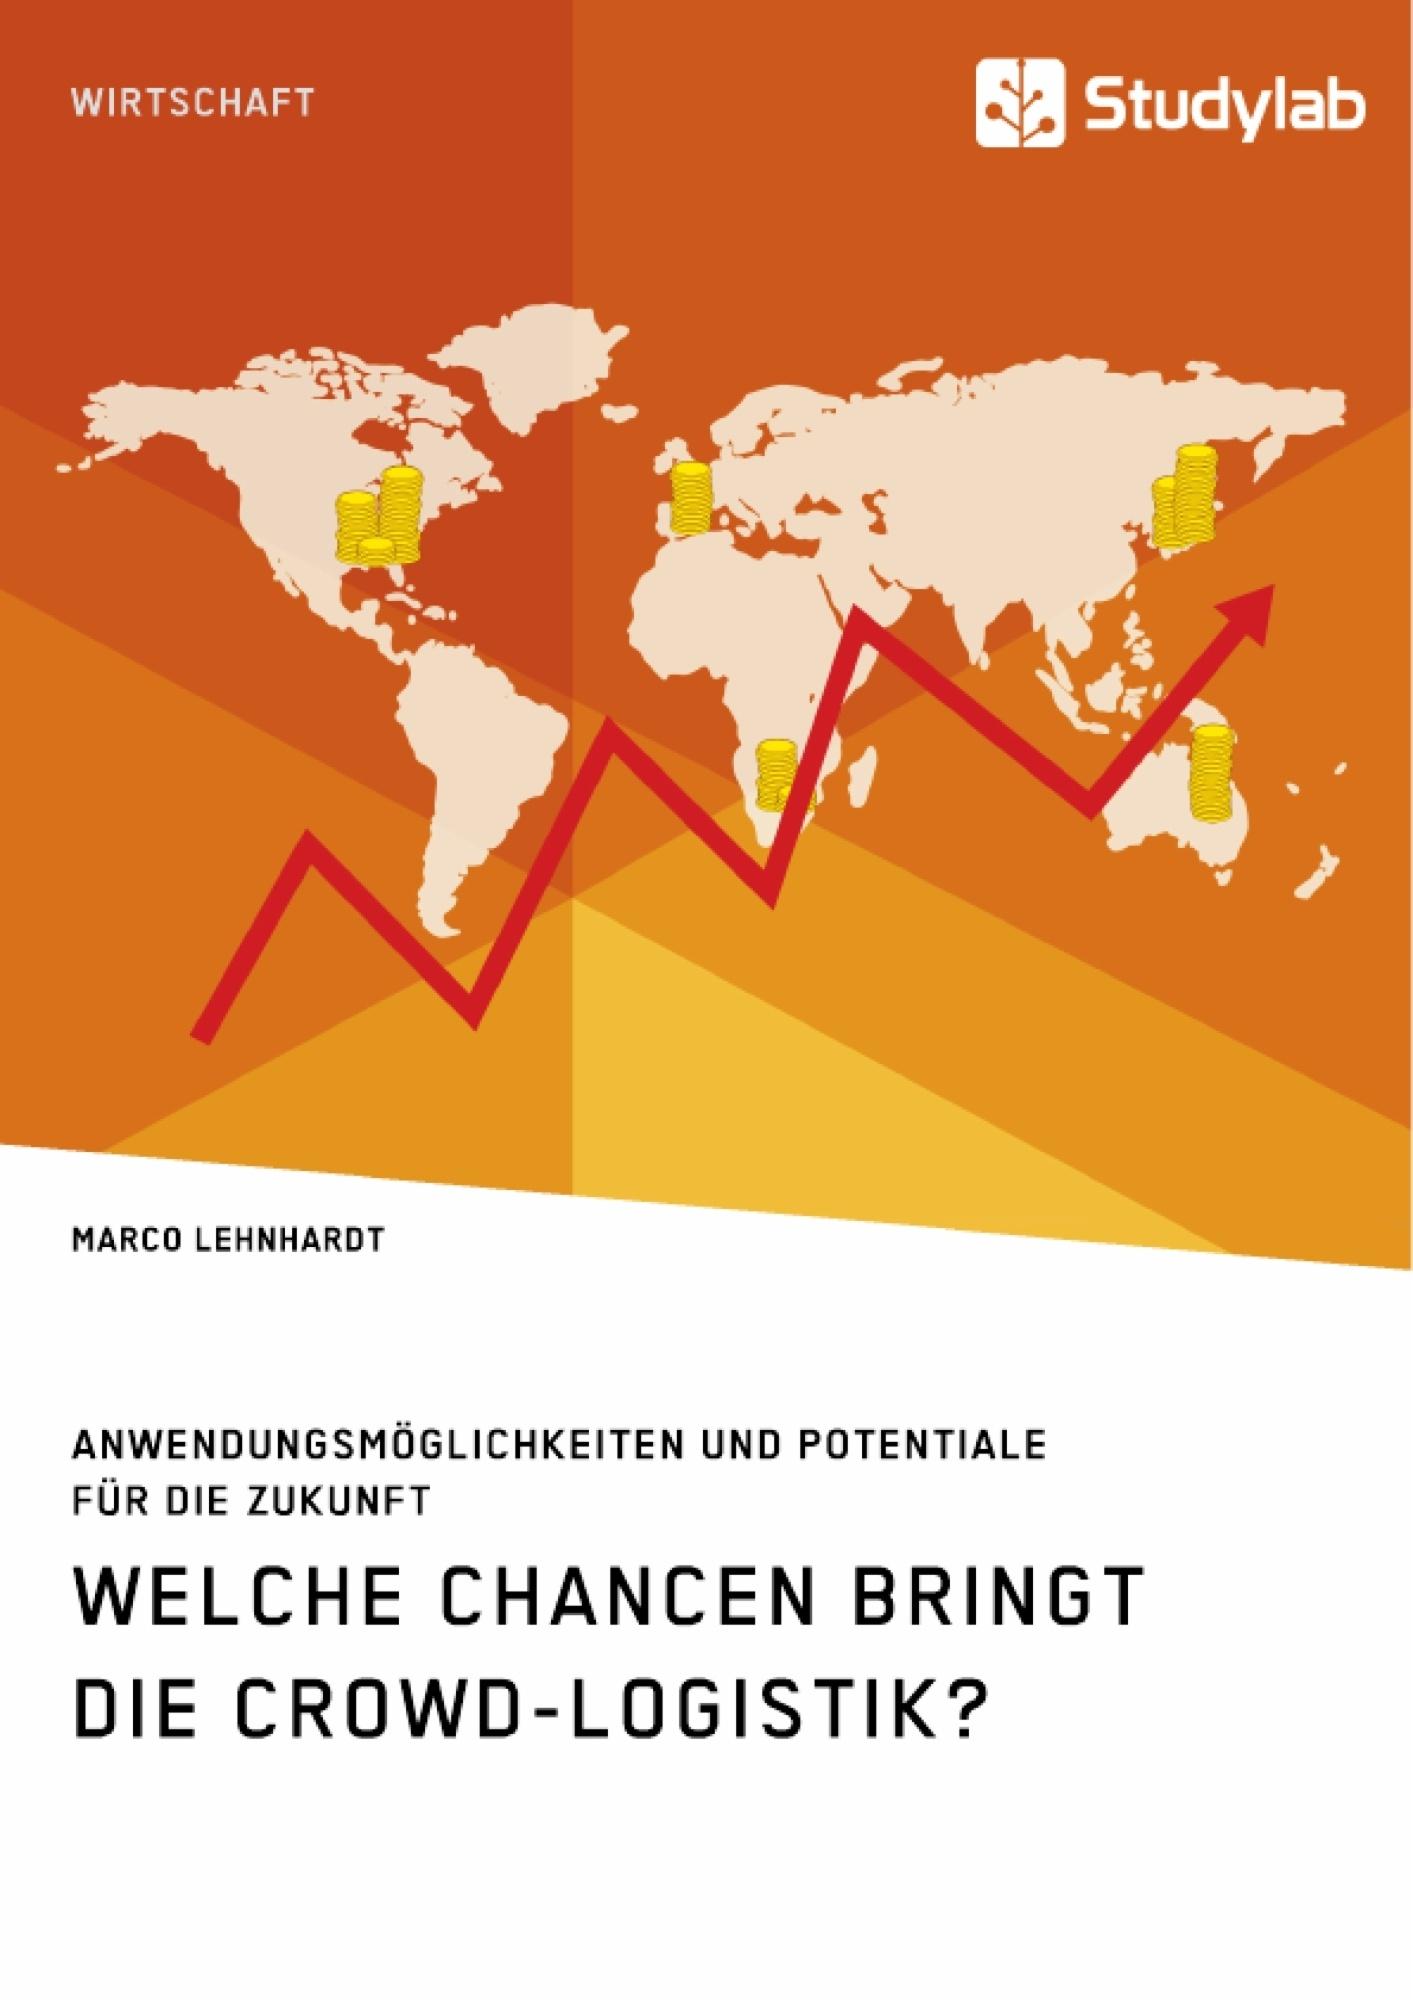 Titel: Welche Chancen bringt die Crowd-Logistik? Anwendungsmöglichkeiten und Potentiale für die Zukunft